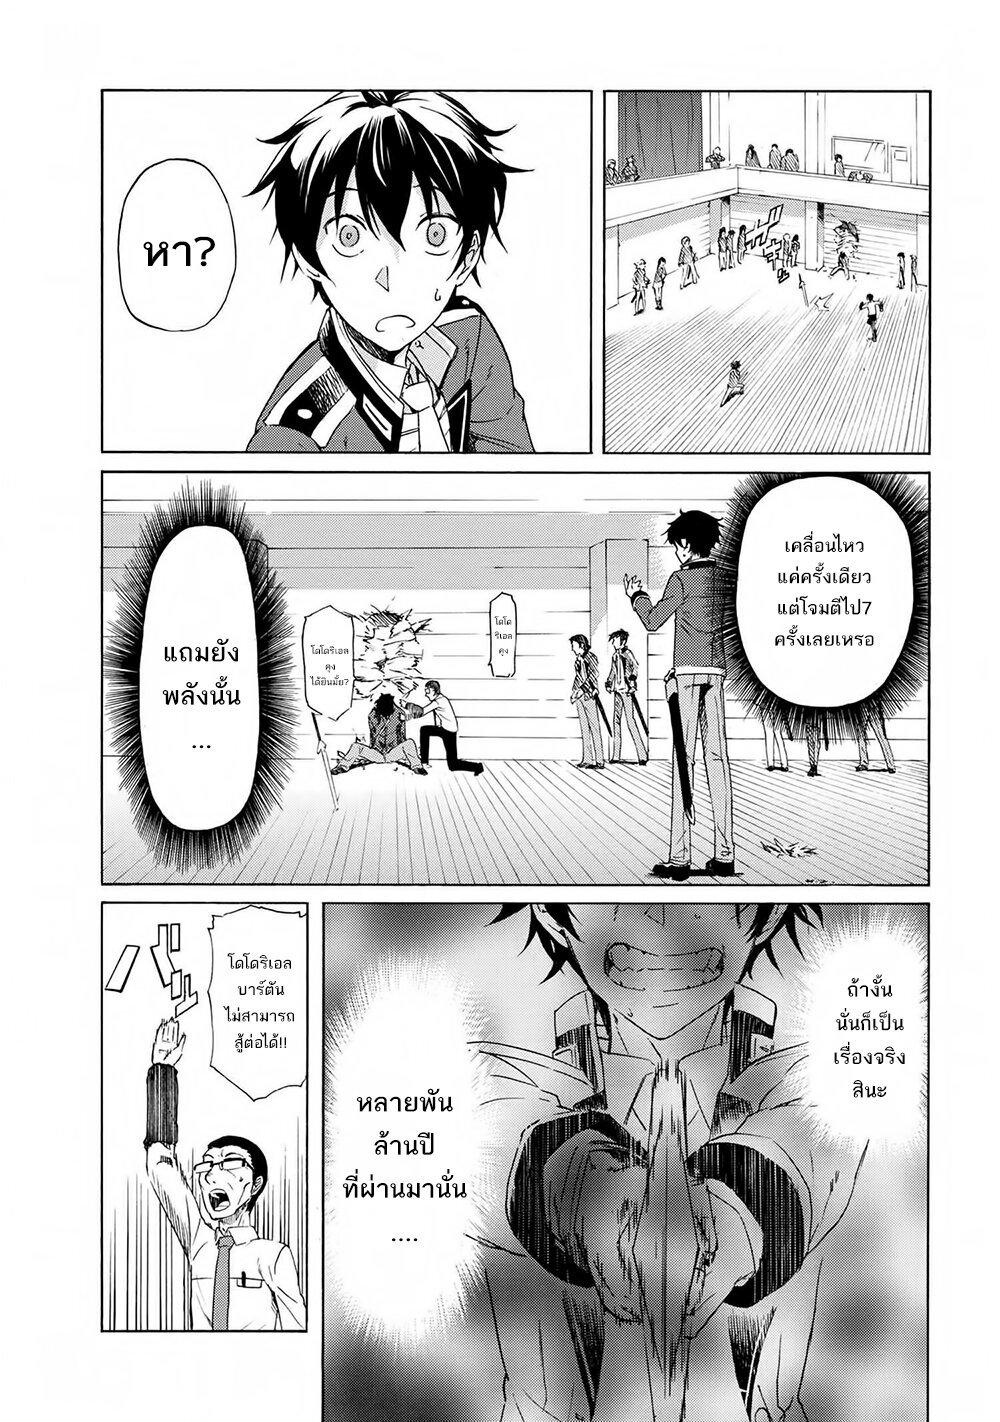 อ่านการ์ตูน Ichioku-nen Button o Renda Shita Ore wa Kizuitara Saikyou ni Natteita ตอนที่ 1 หน้าที่ 63